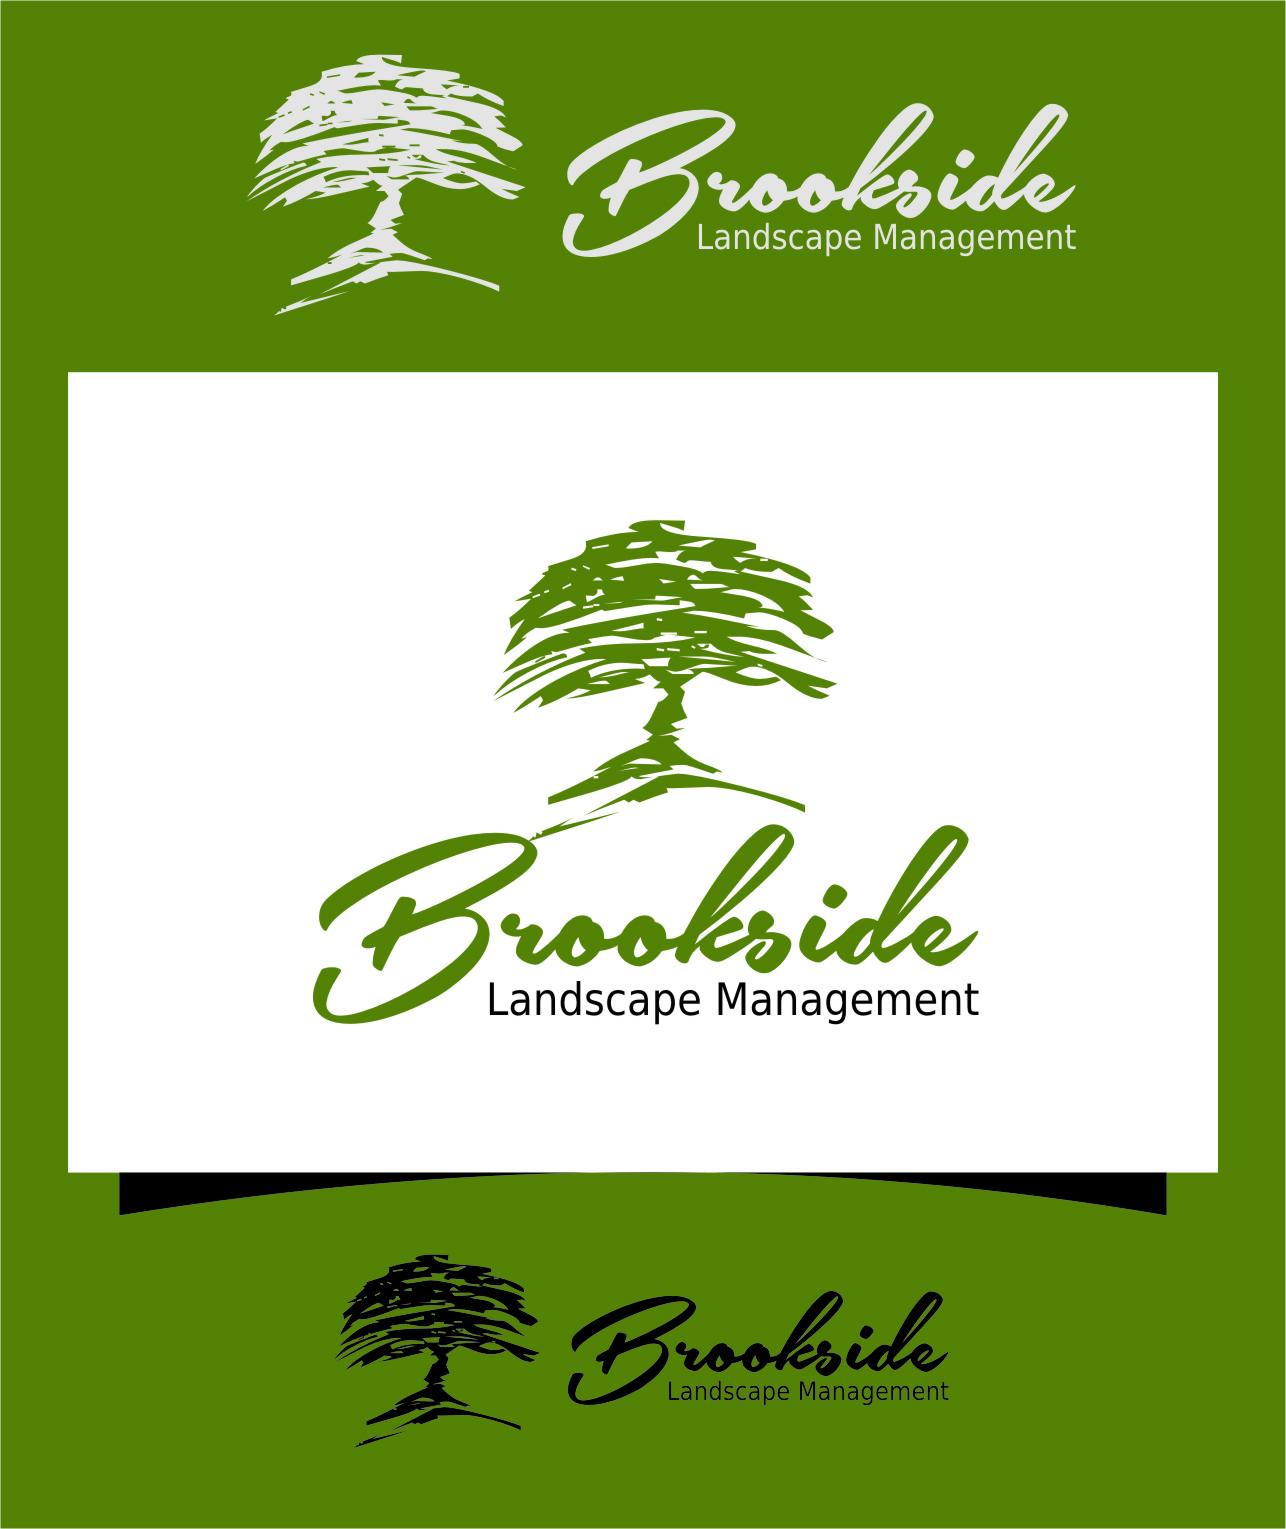 Logo Design by Ngepet_art - Entry No. 183 in the Logo Design Contest New Logo Design for Brookside Landscape Management.